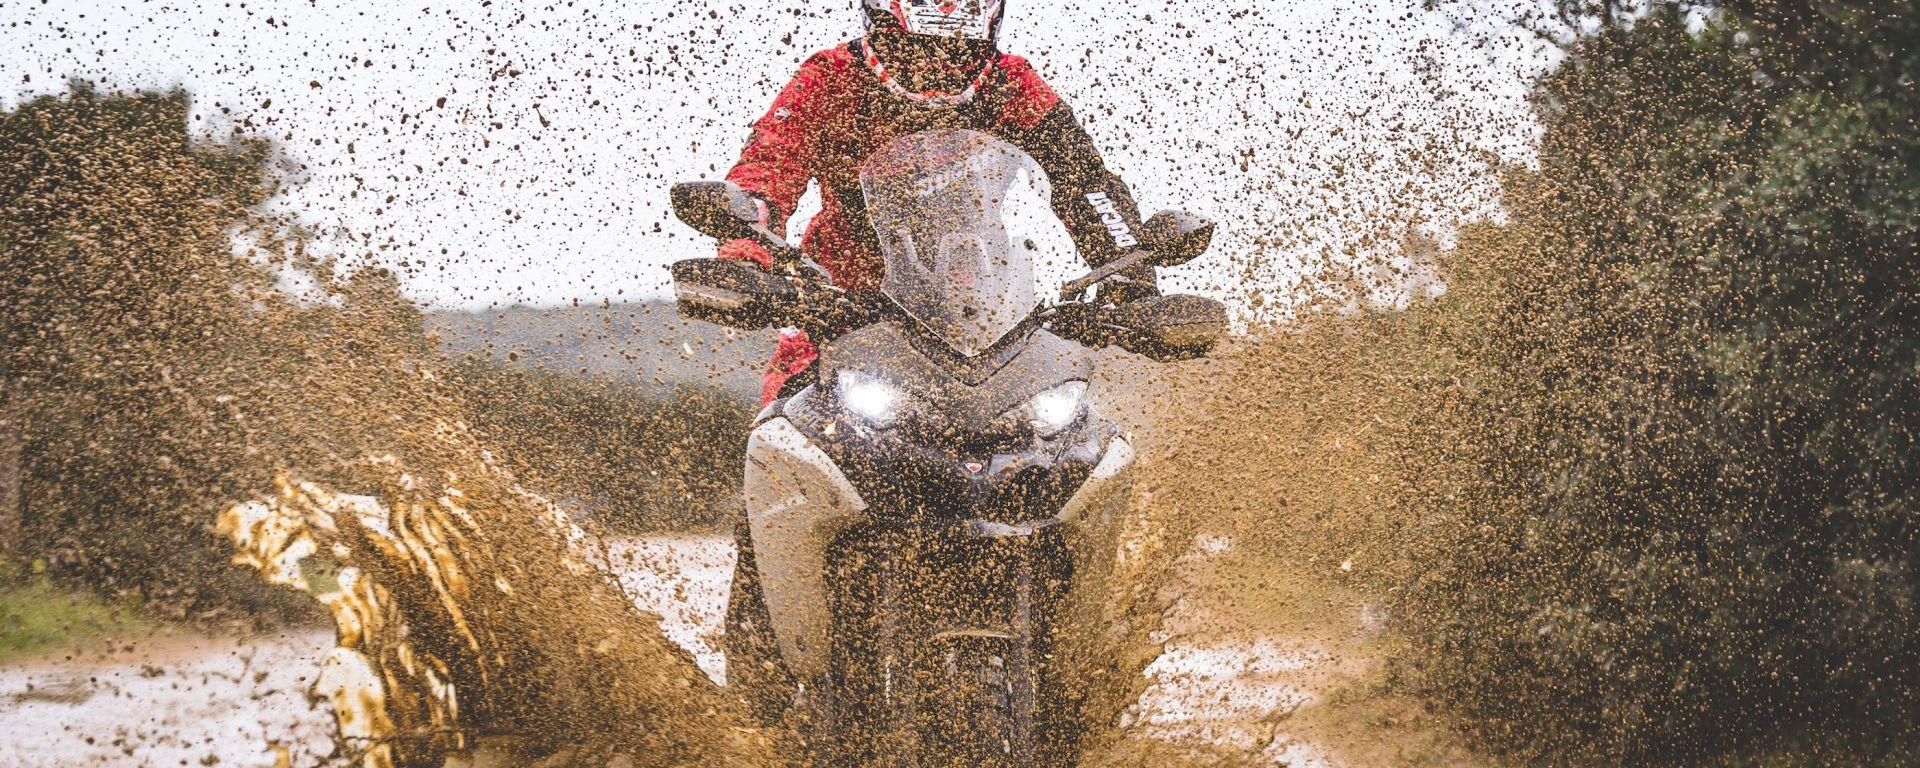 Ducati: arrivano i corsi DRE Enduro